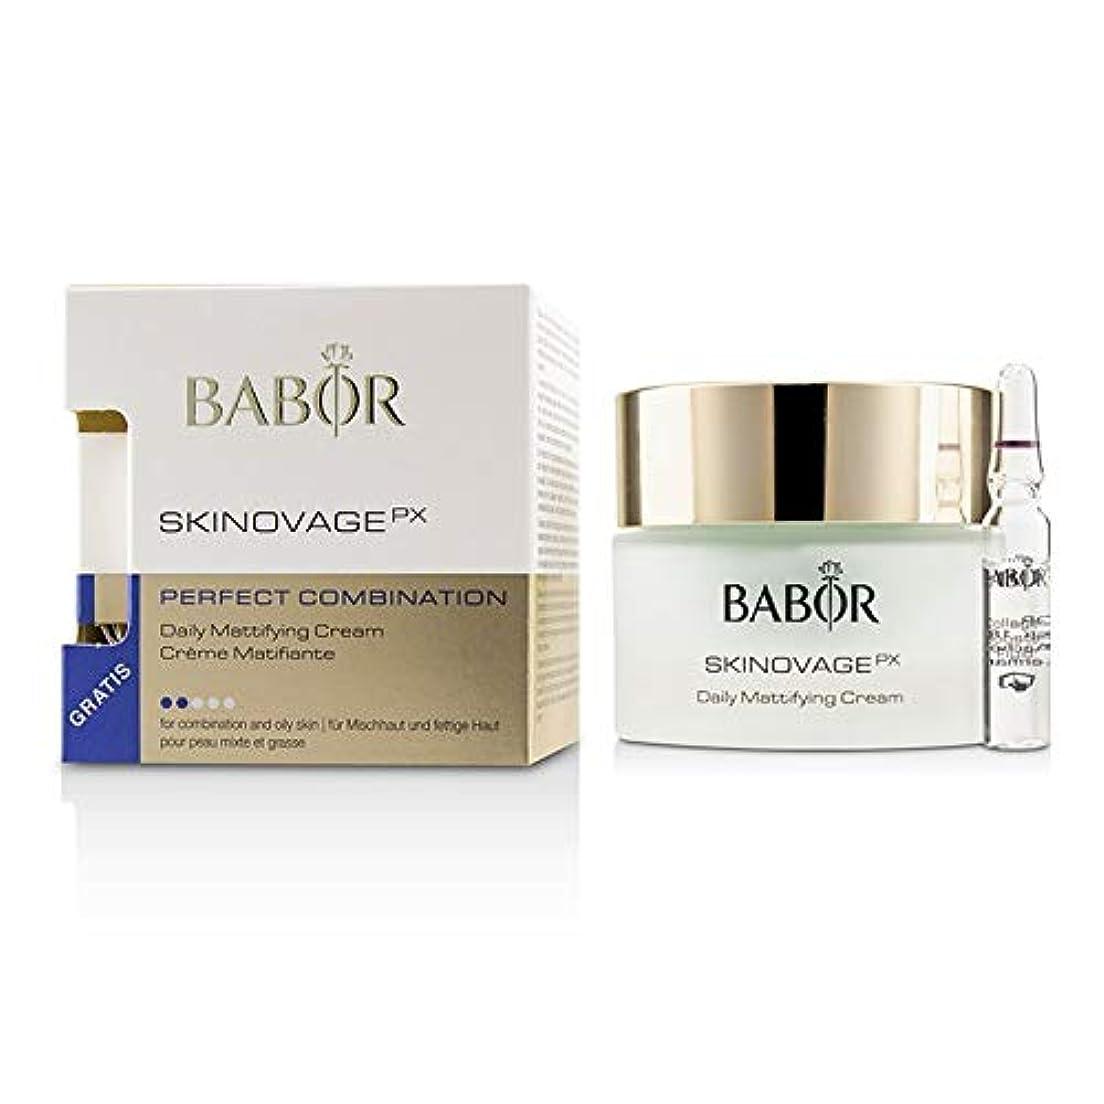 酒近所の両方バボール Skinovage PX Perfect Combination Daily Mattifying Cream (with Free Collagen Booster Fluid 2ml) - For Combination...